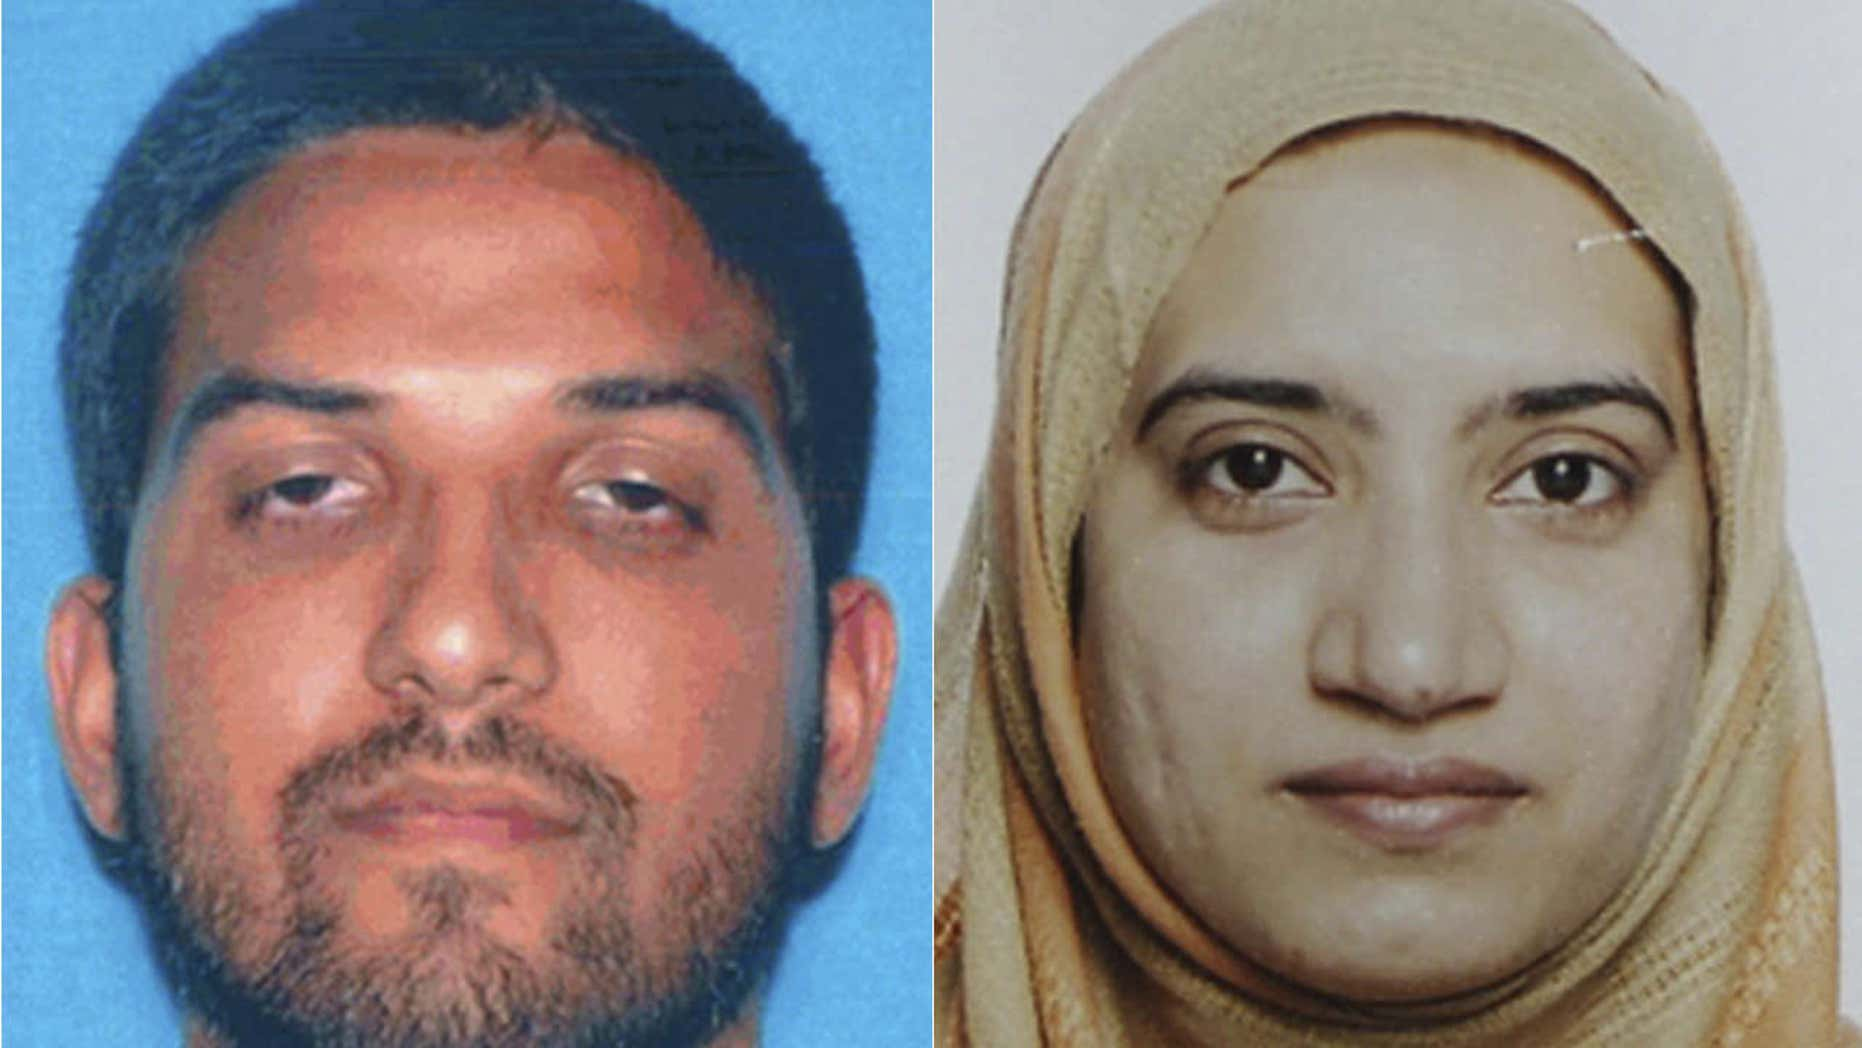 Syed Farook, left, and his wife Tashfeen Malik.